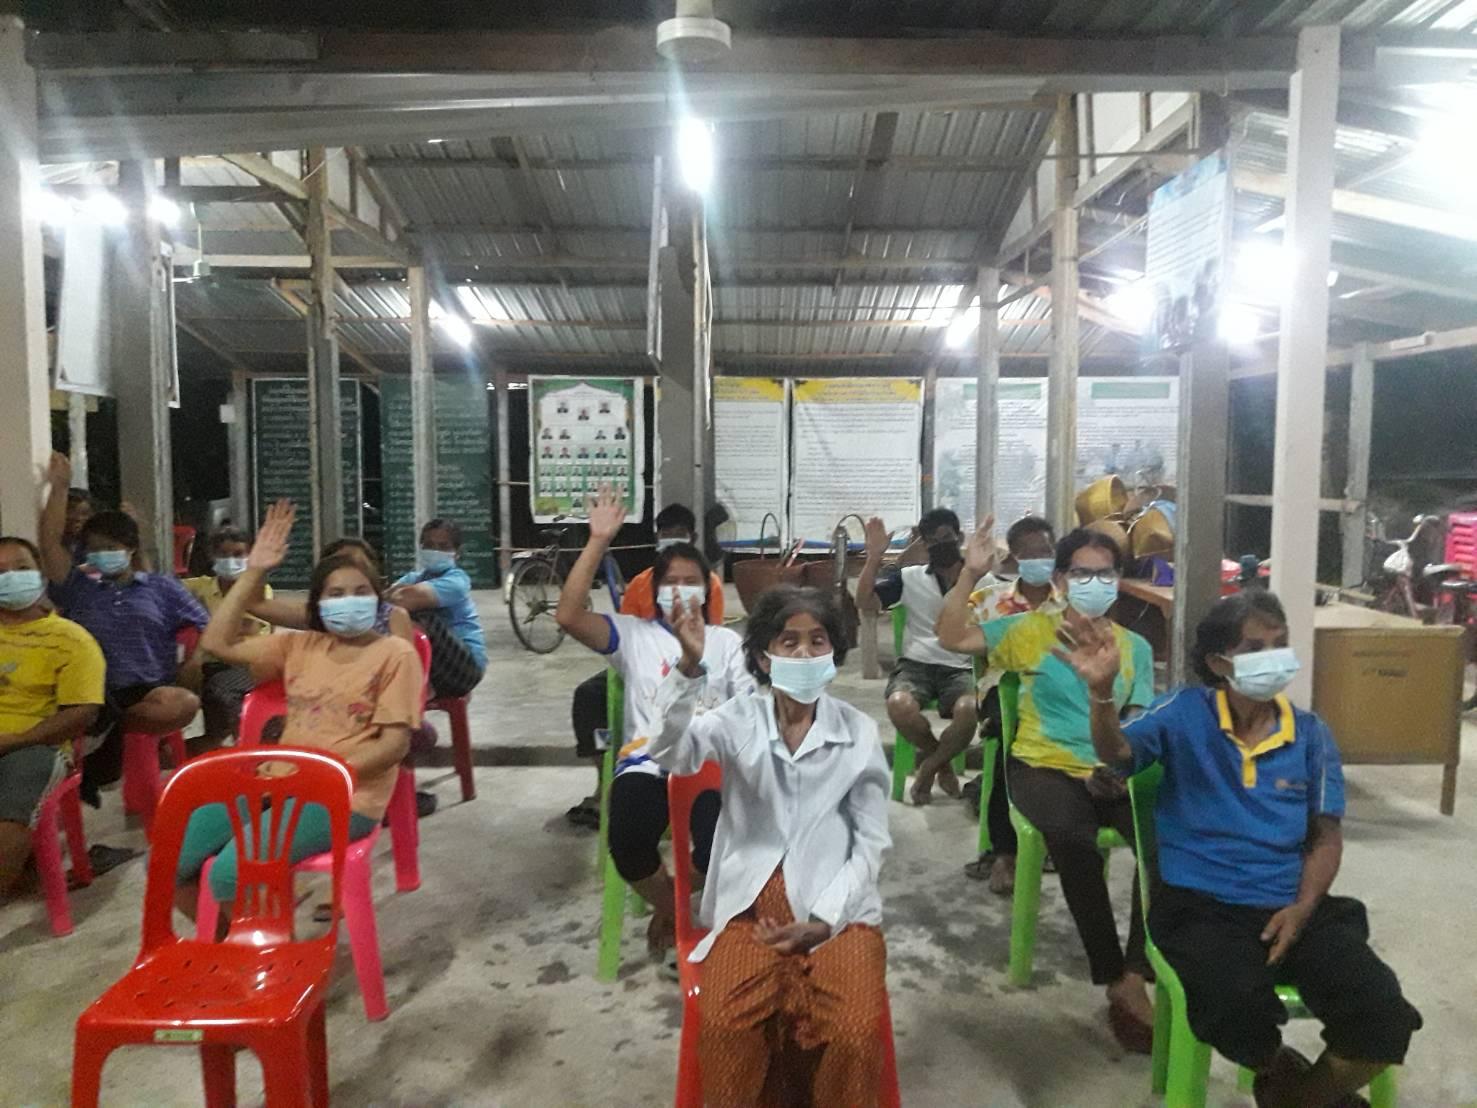 ประชุมตั้งศูนย์พักคอยผู้ป่วยโควิด ณ ที่ทำการผู้ใหญ่บ้านป่าเพิ่ม หมู่ 11